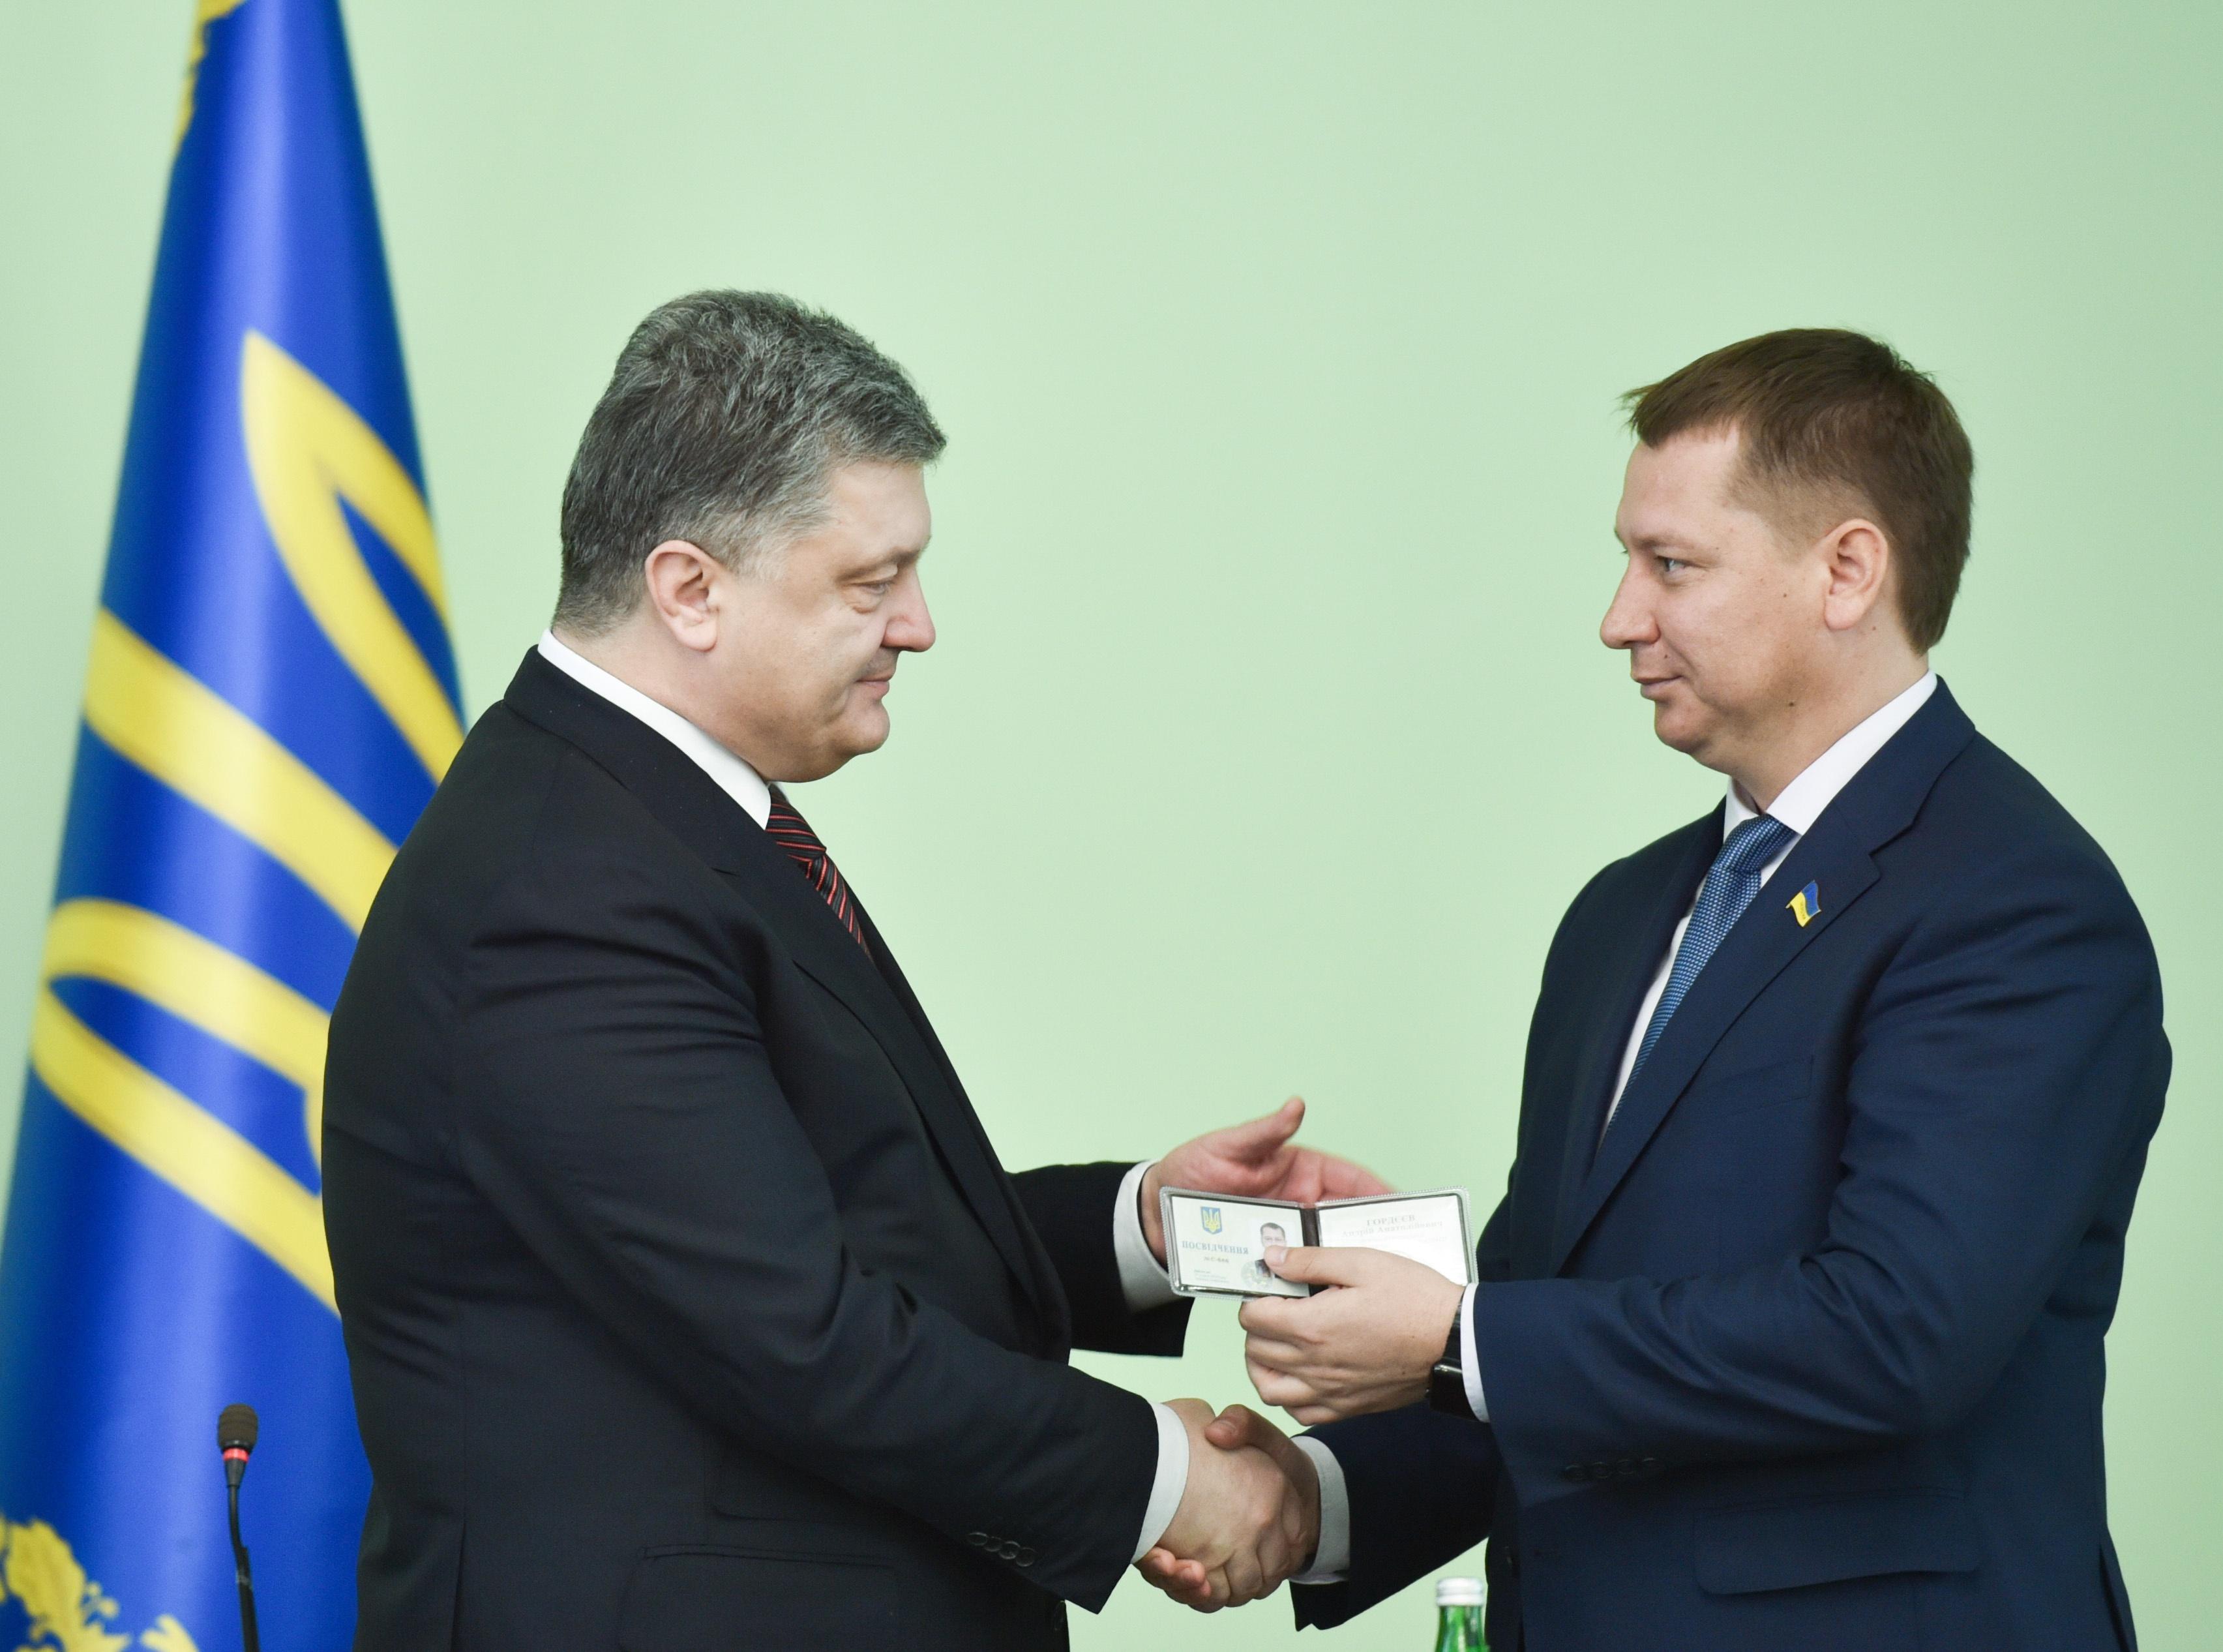 Политологи считают, что президент Порошенко не рискнет уволить Андрея Гордеева с должности главы Херсонской ОГА, так как его избирательный штаб сделал ставку на админресурс (на фото Гордеев - справа)